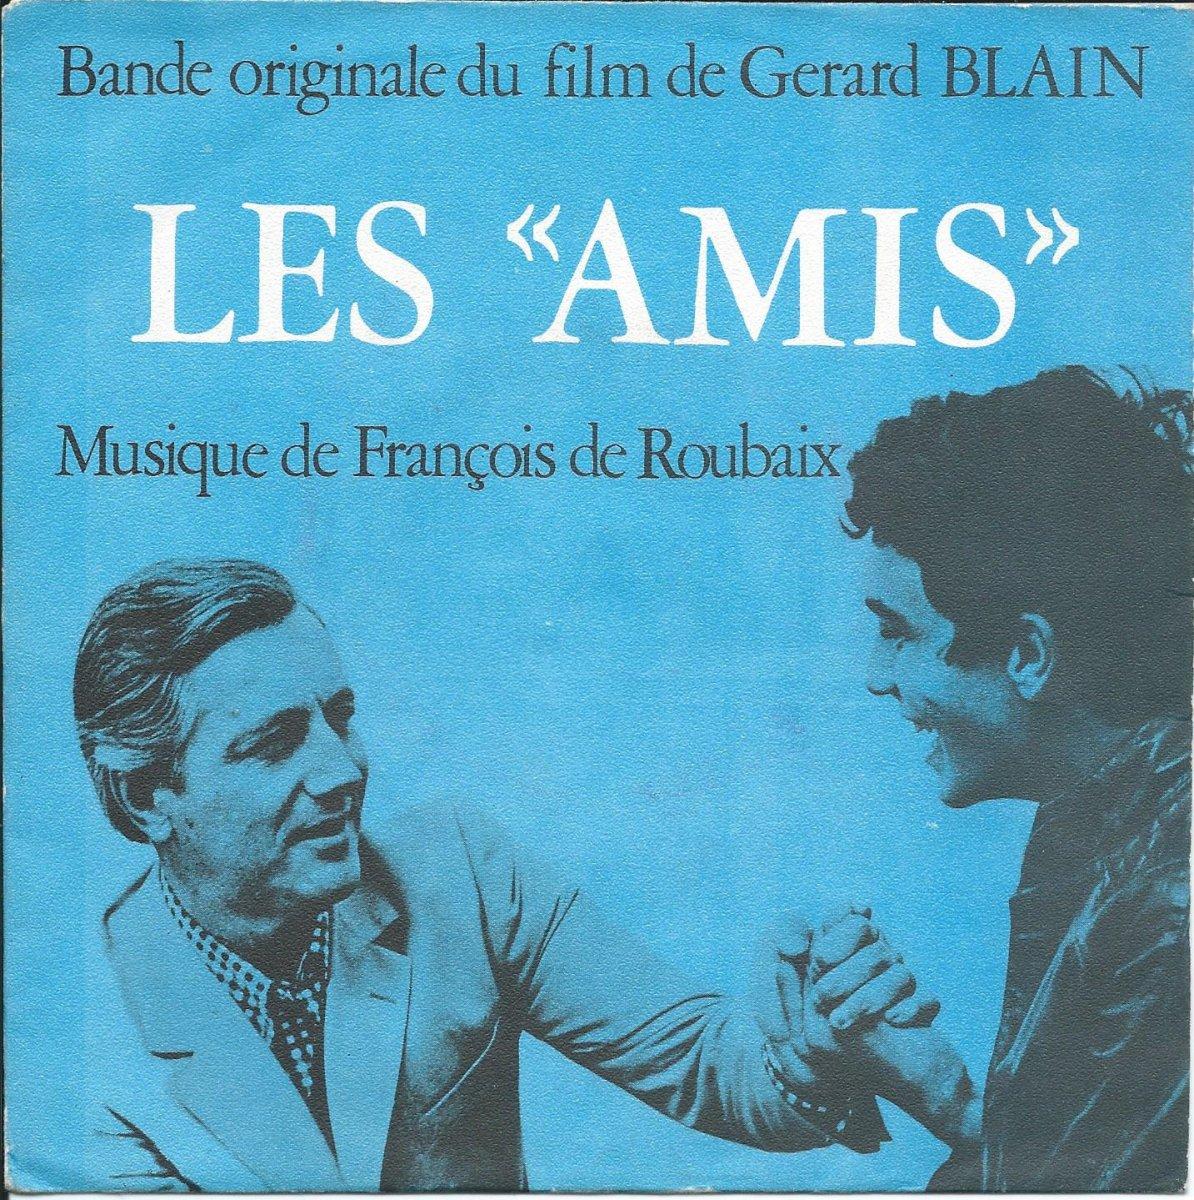 FRANÇOIS DE ROUBAIX / LES AMIS (BANDE ORIGINALE DU FILM) (7